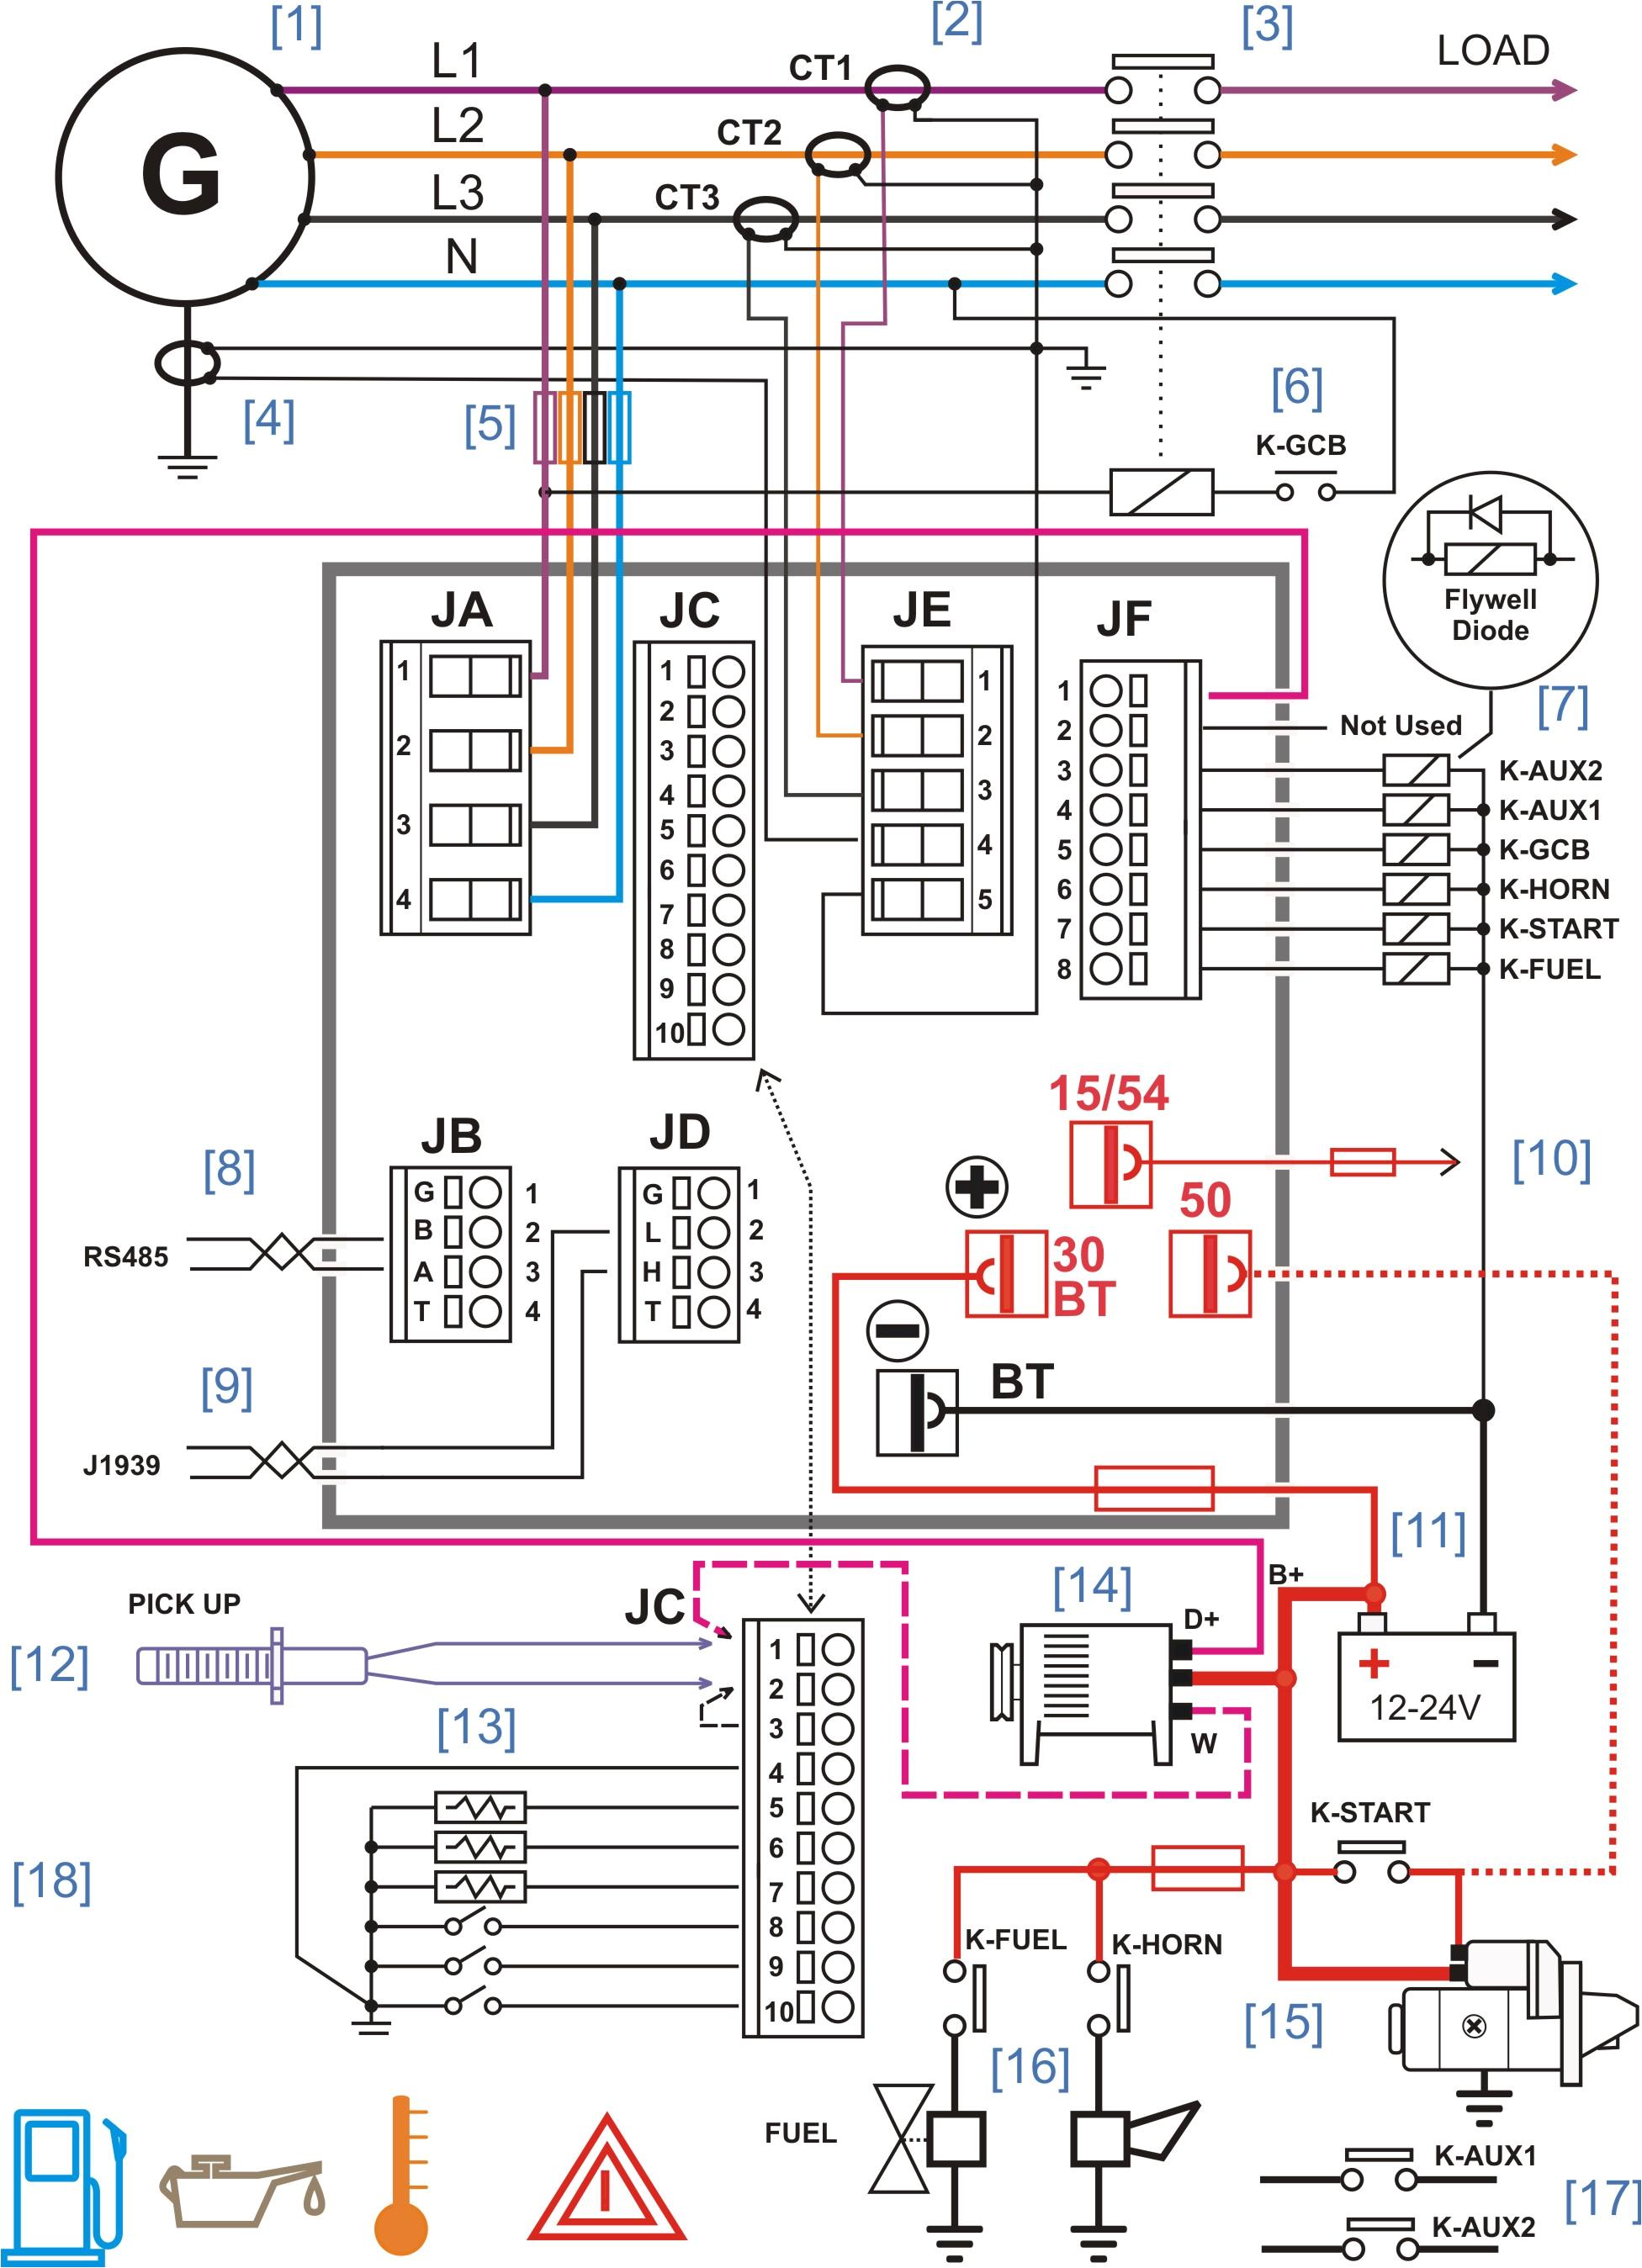 electrical wiring diagram freeware wiring diagram bloghome wiring diagram generator wiring diagram blog free electrical wiring